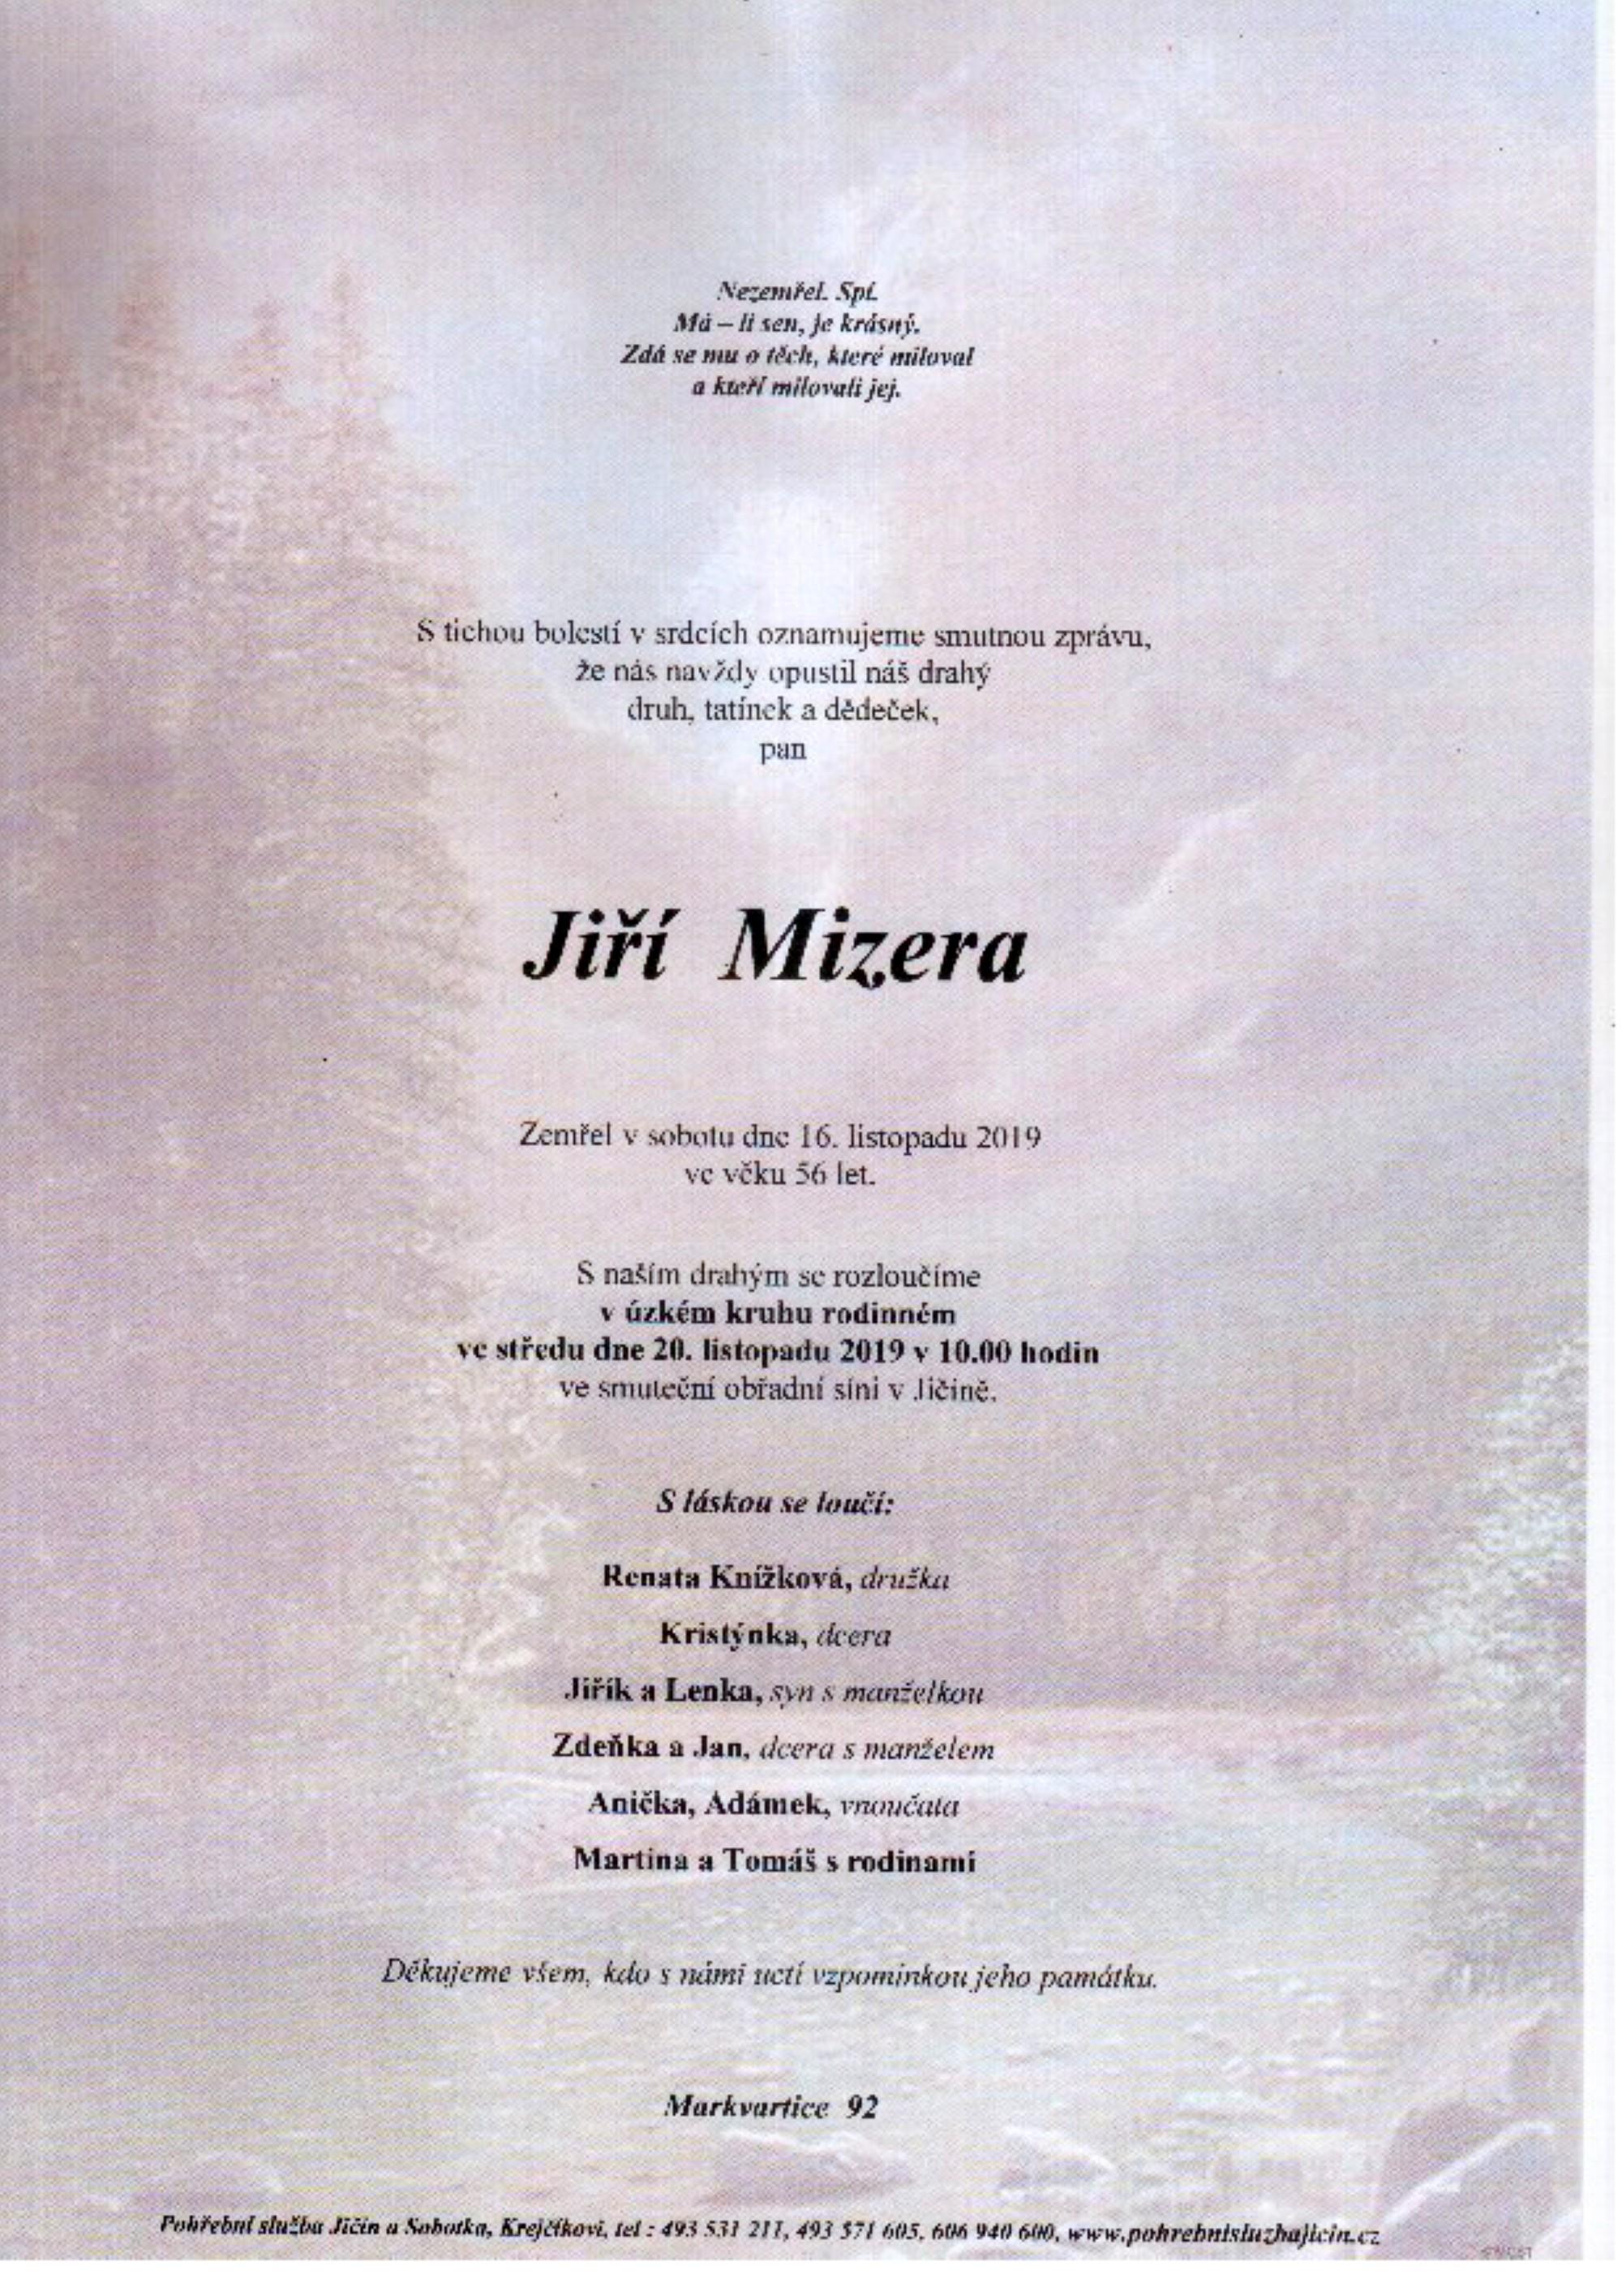 Jiří Mizera